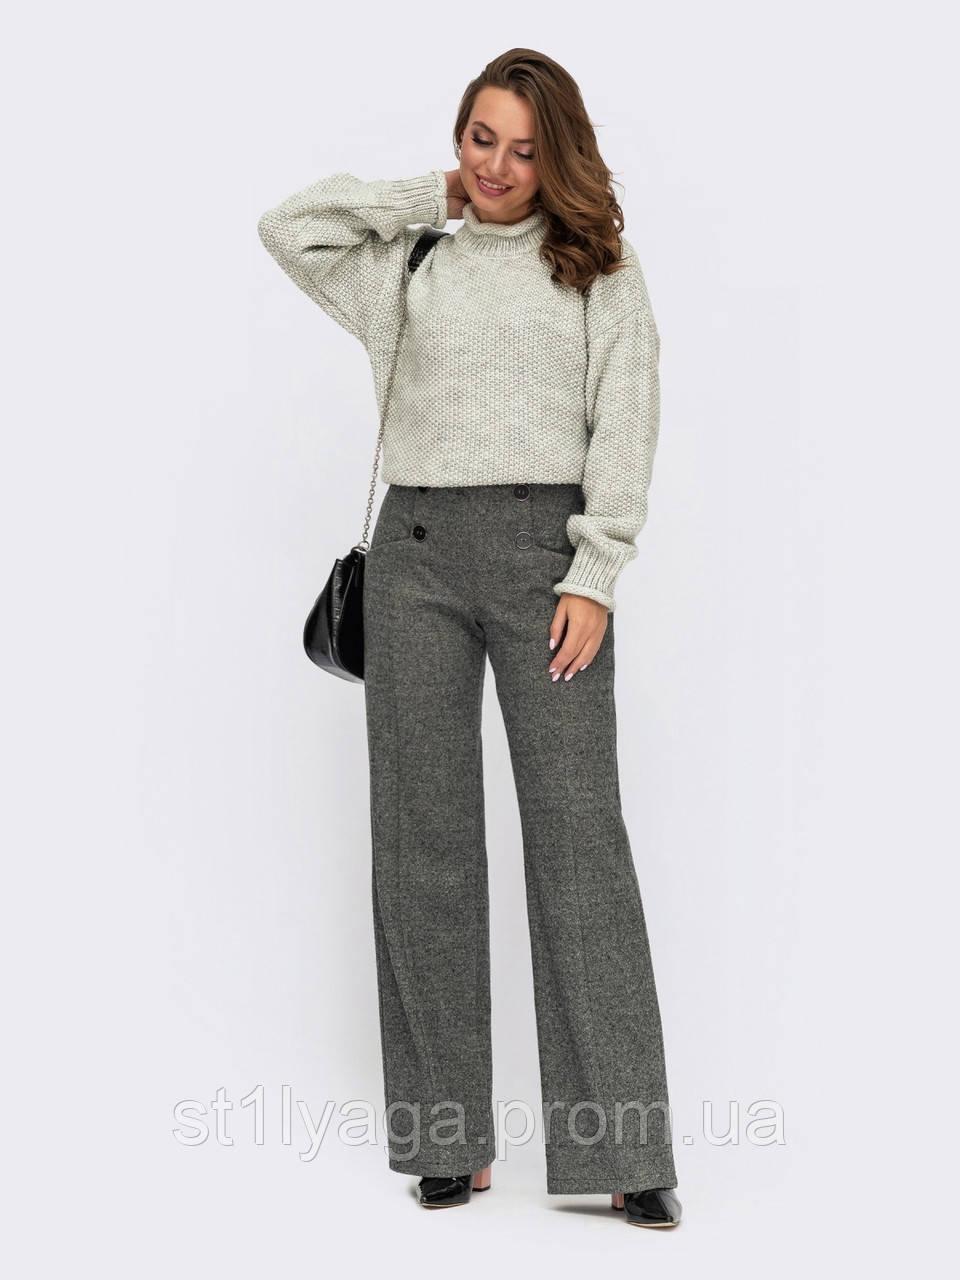 Сірі брюки прямого крою з жаккарду з кишенями